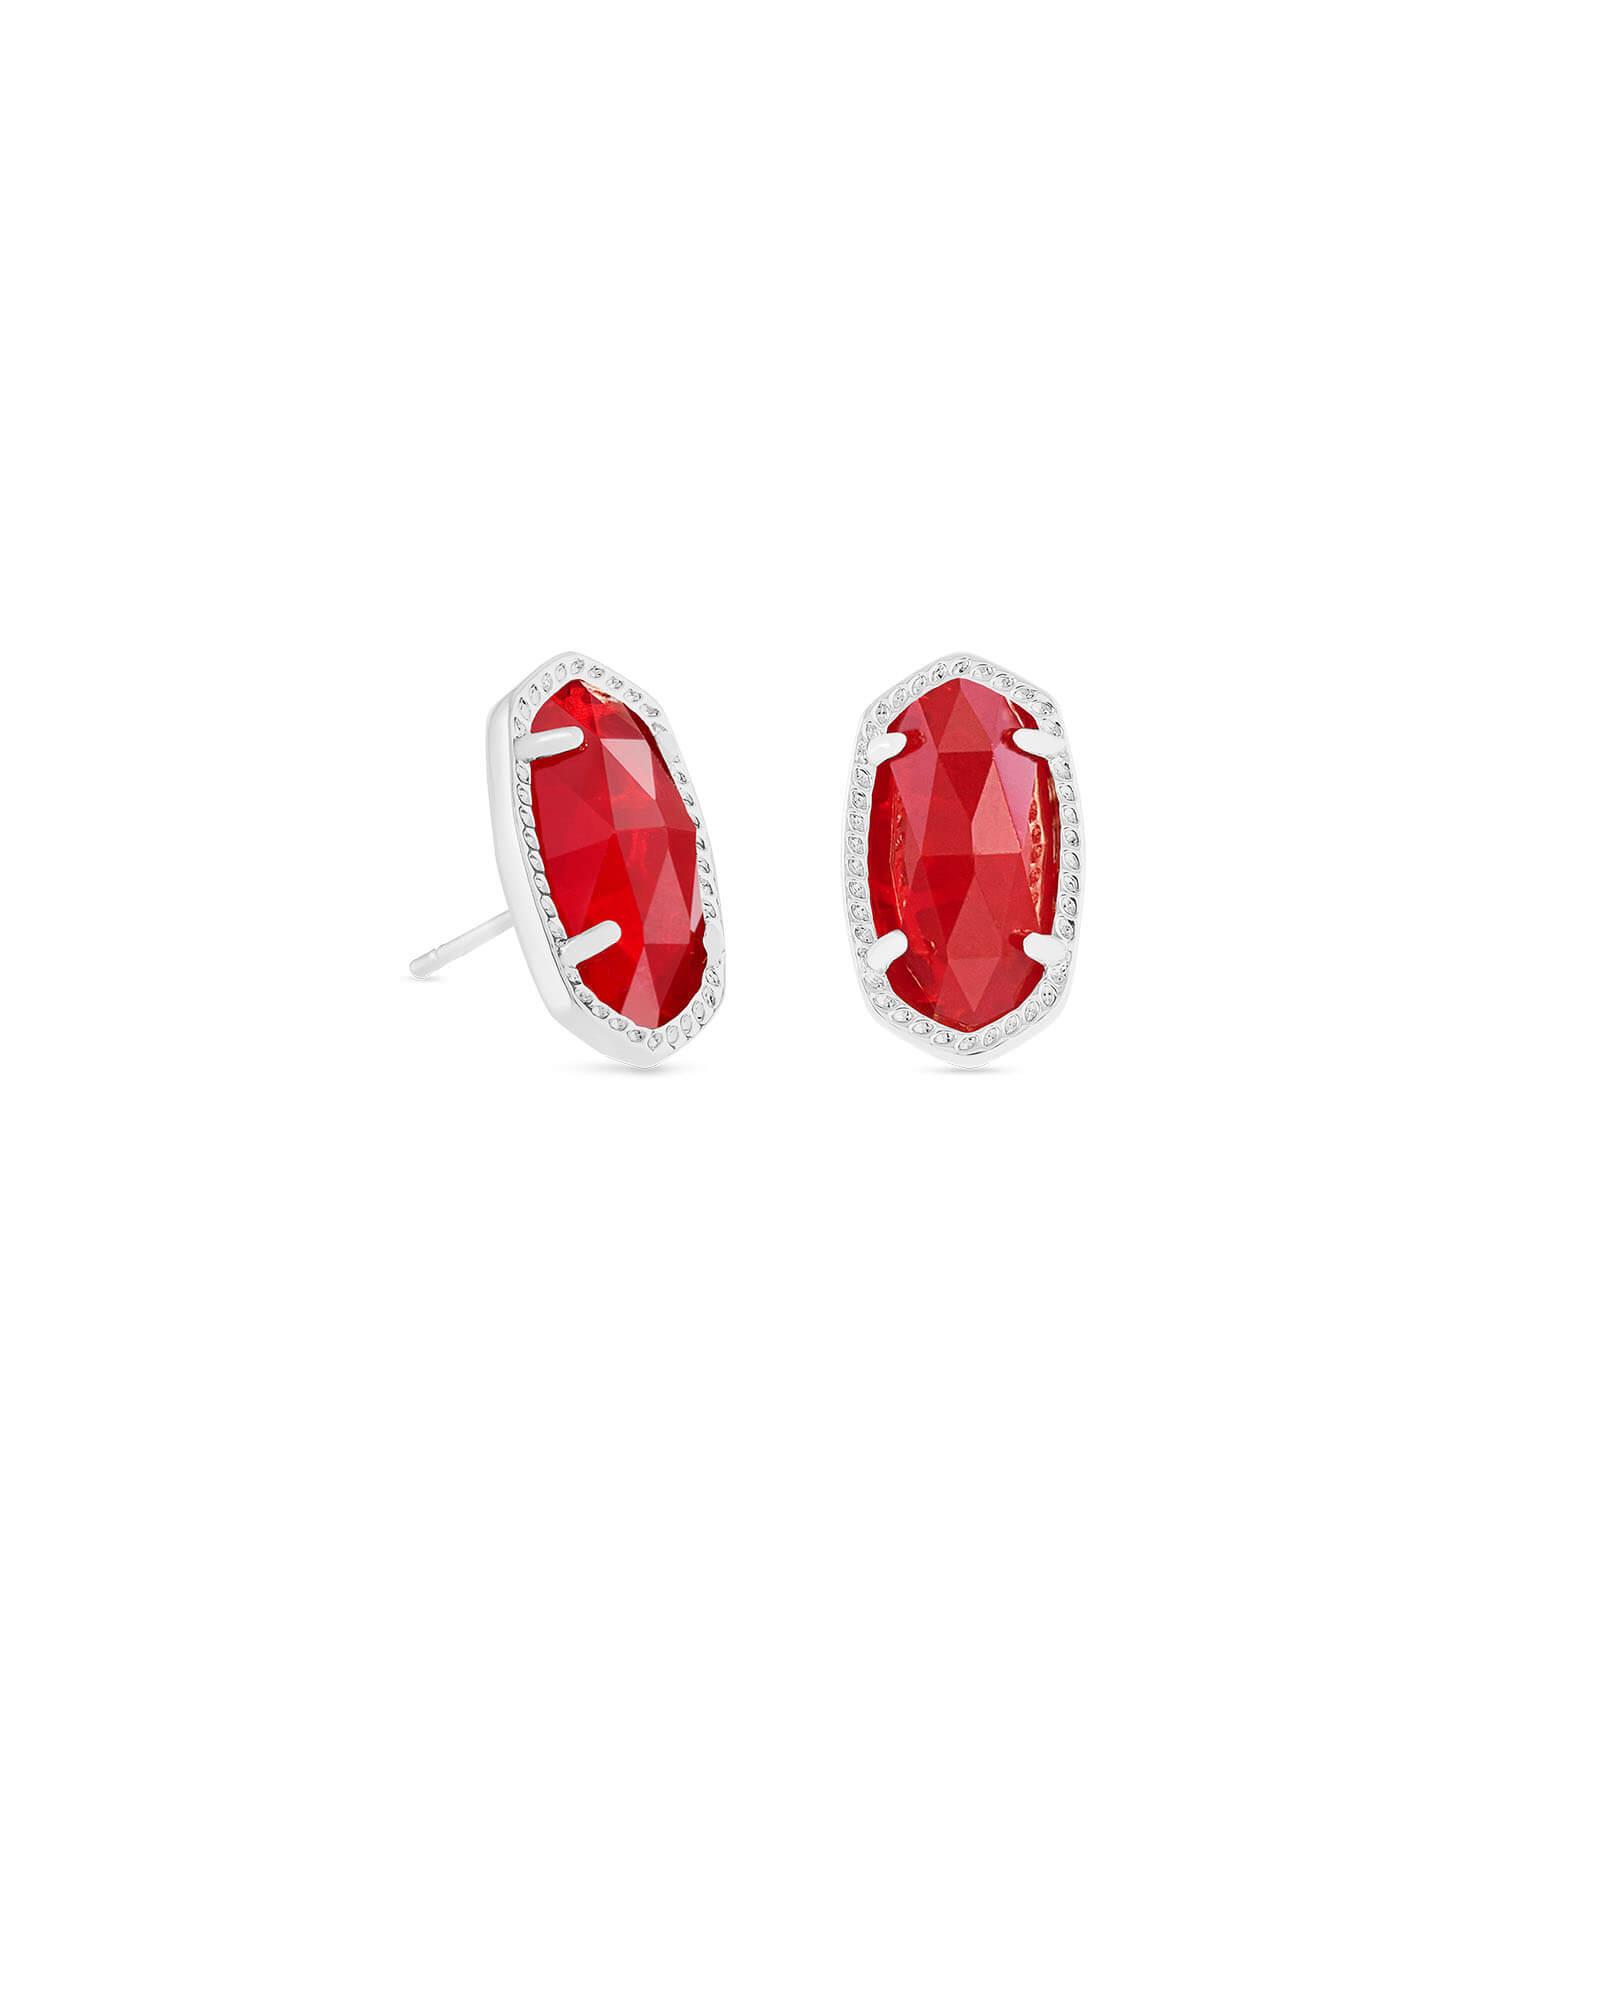 Ellie Silver Stud Earrings In Ruby Red